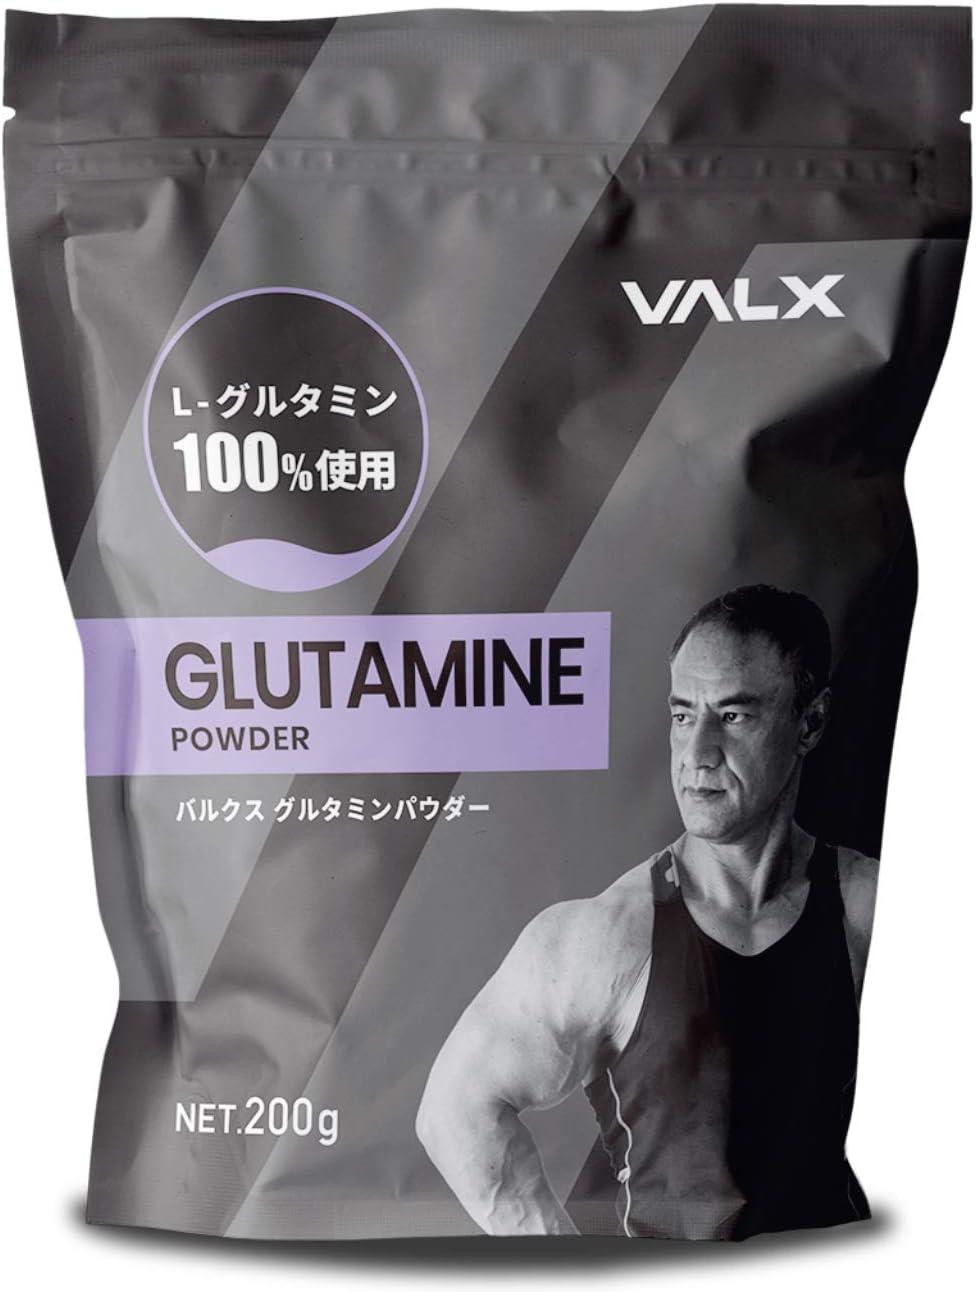 VALX(バルクス )グルタミンパウダー by 山本義徳 200g L-グルタミン100%使用